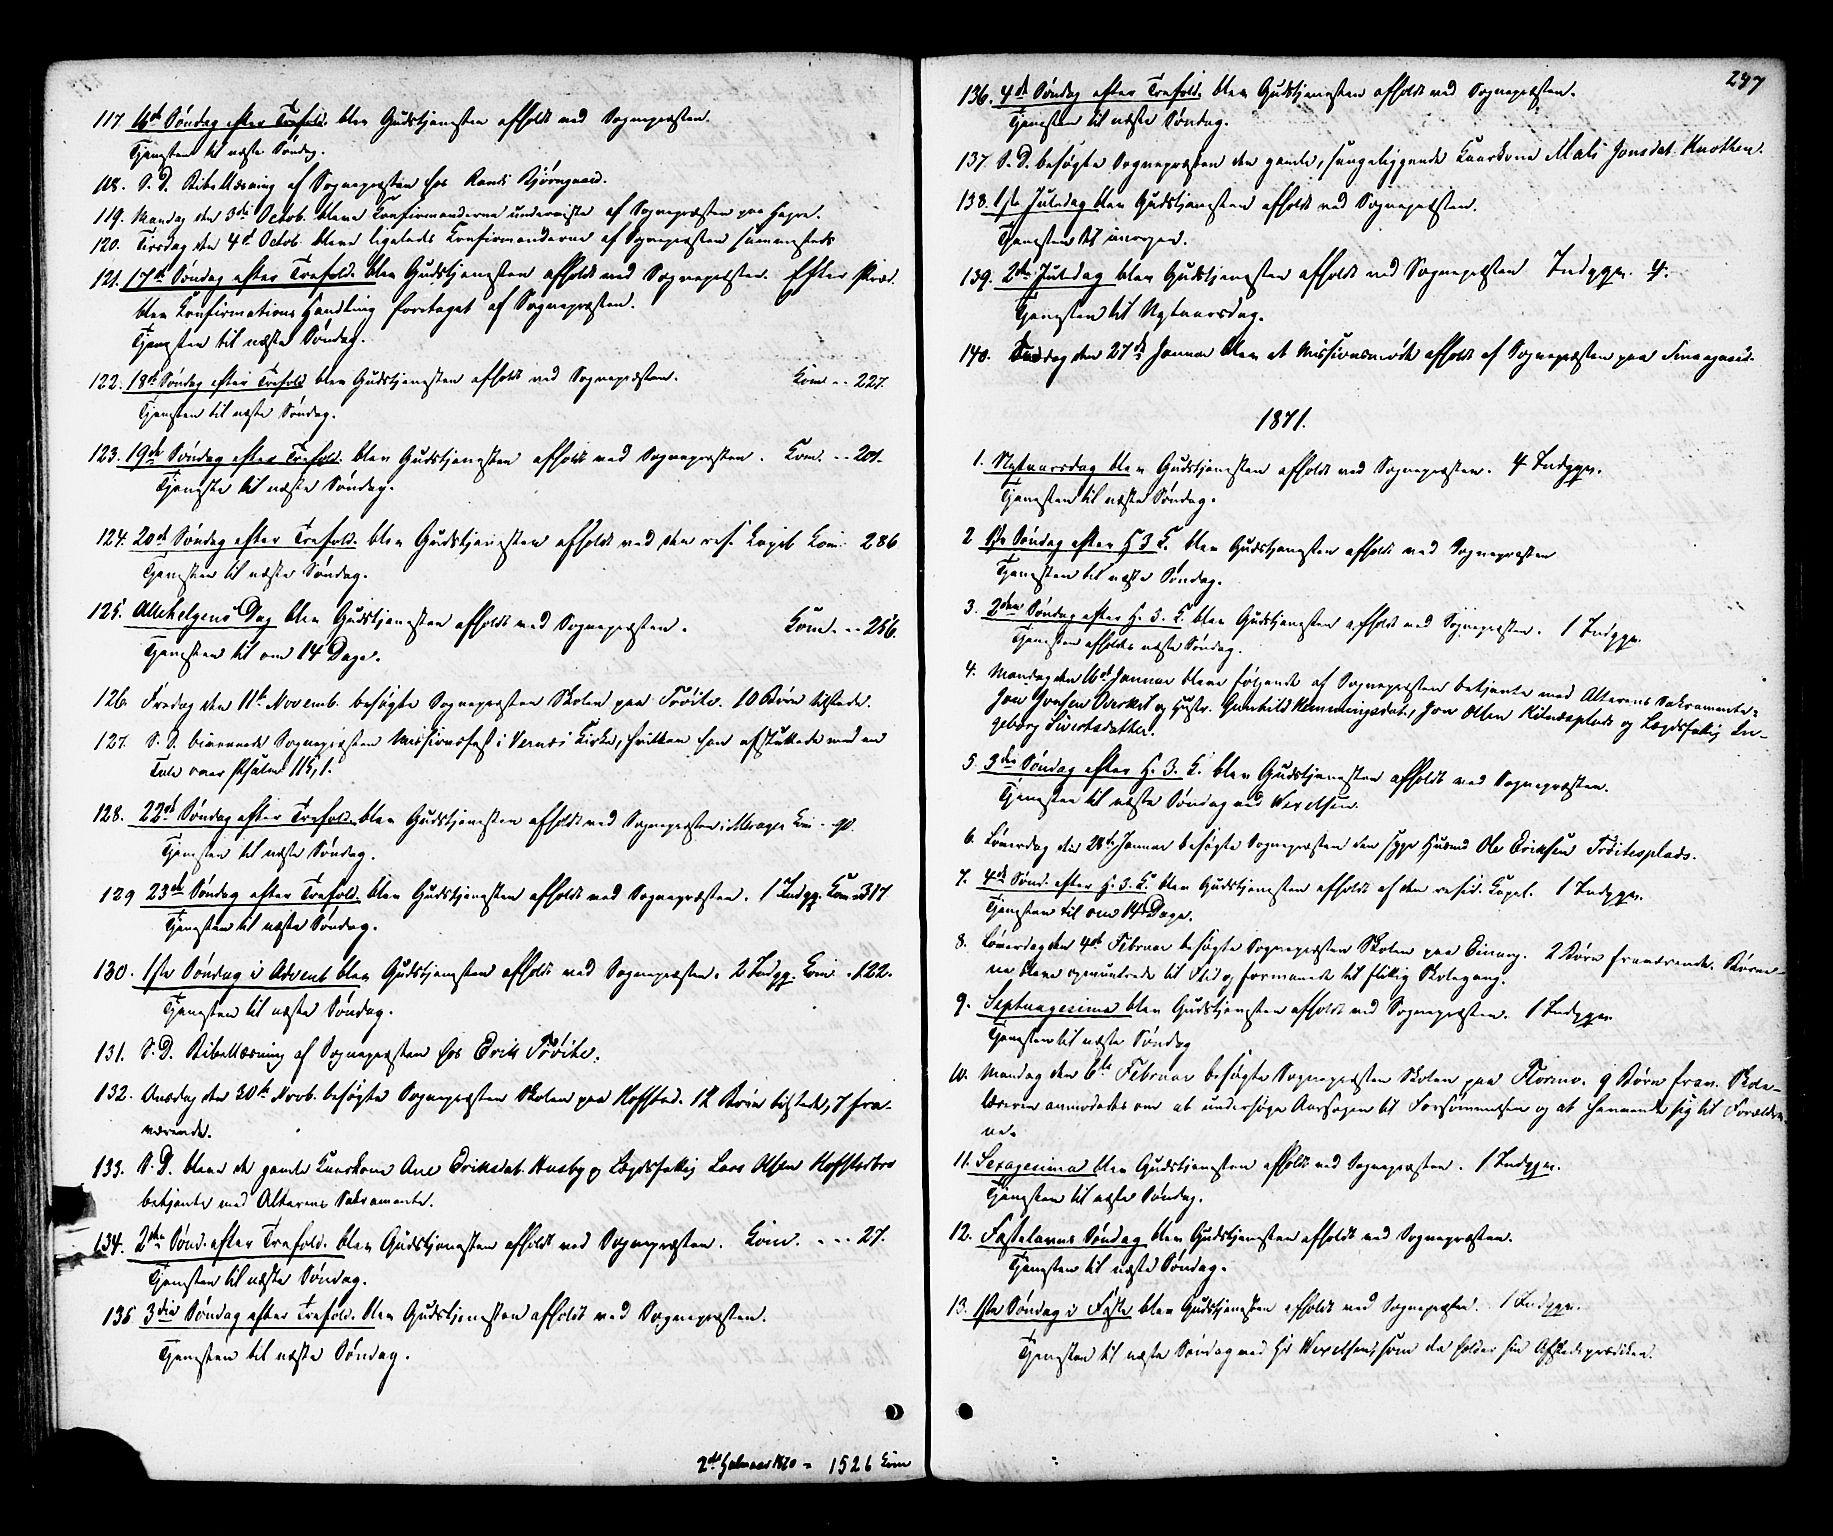 SAT, Ministerialprotokoller, klokkerbøker og fødselsregistre - Nord-Trøndelag, 703/L0029: Ministerialbok nr. 703A02, 1863-1879, s. 247